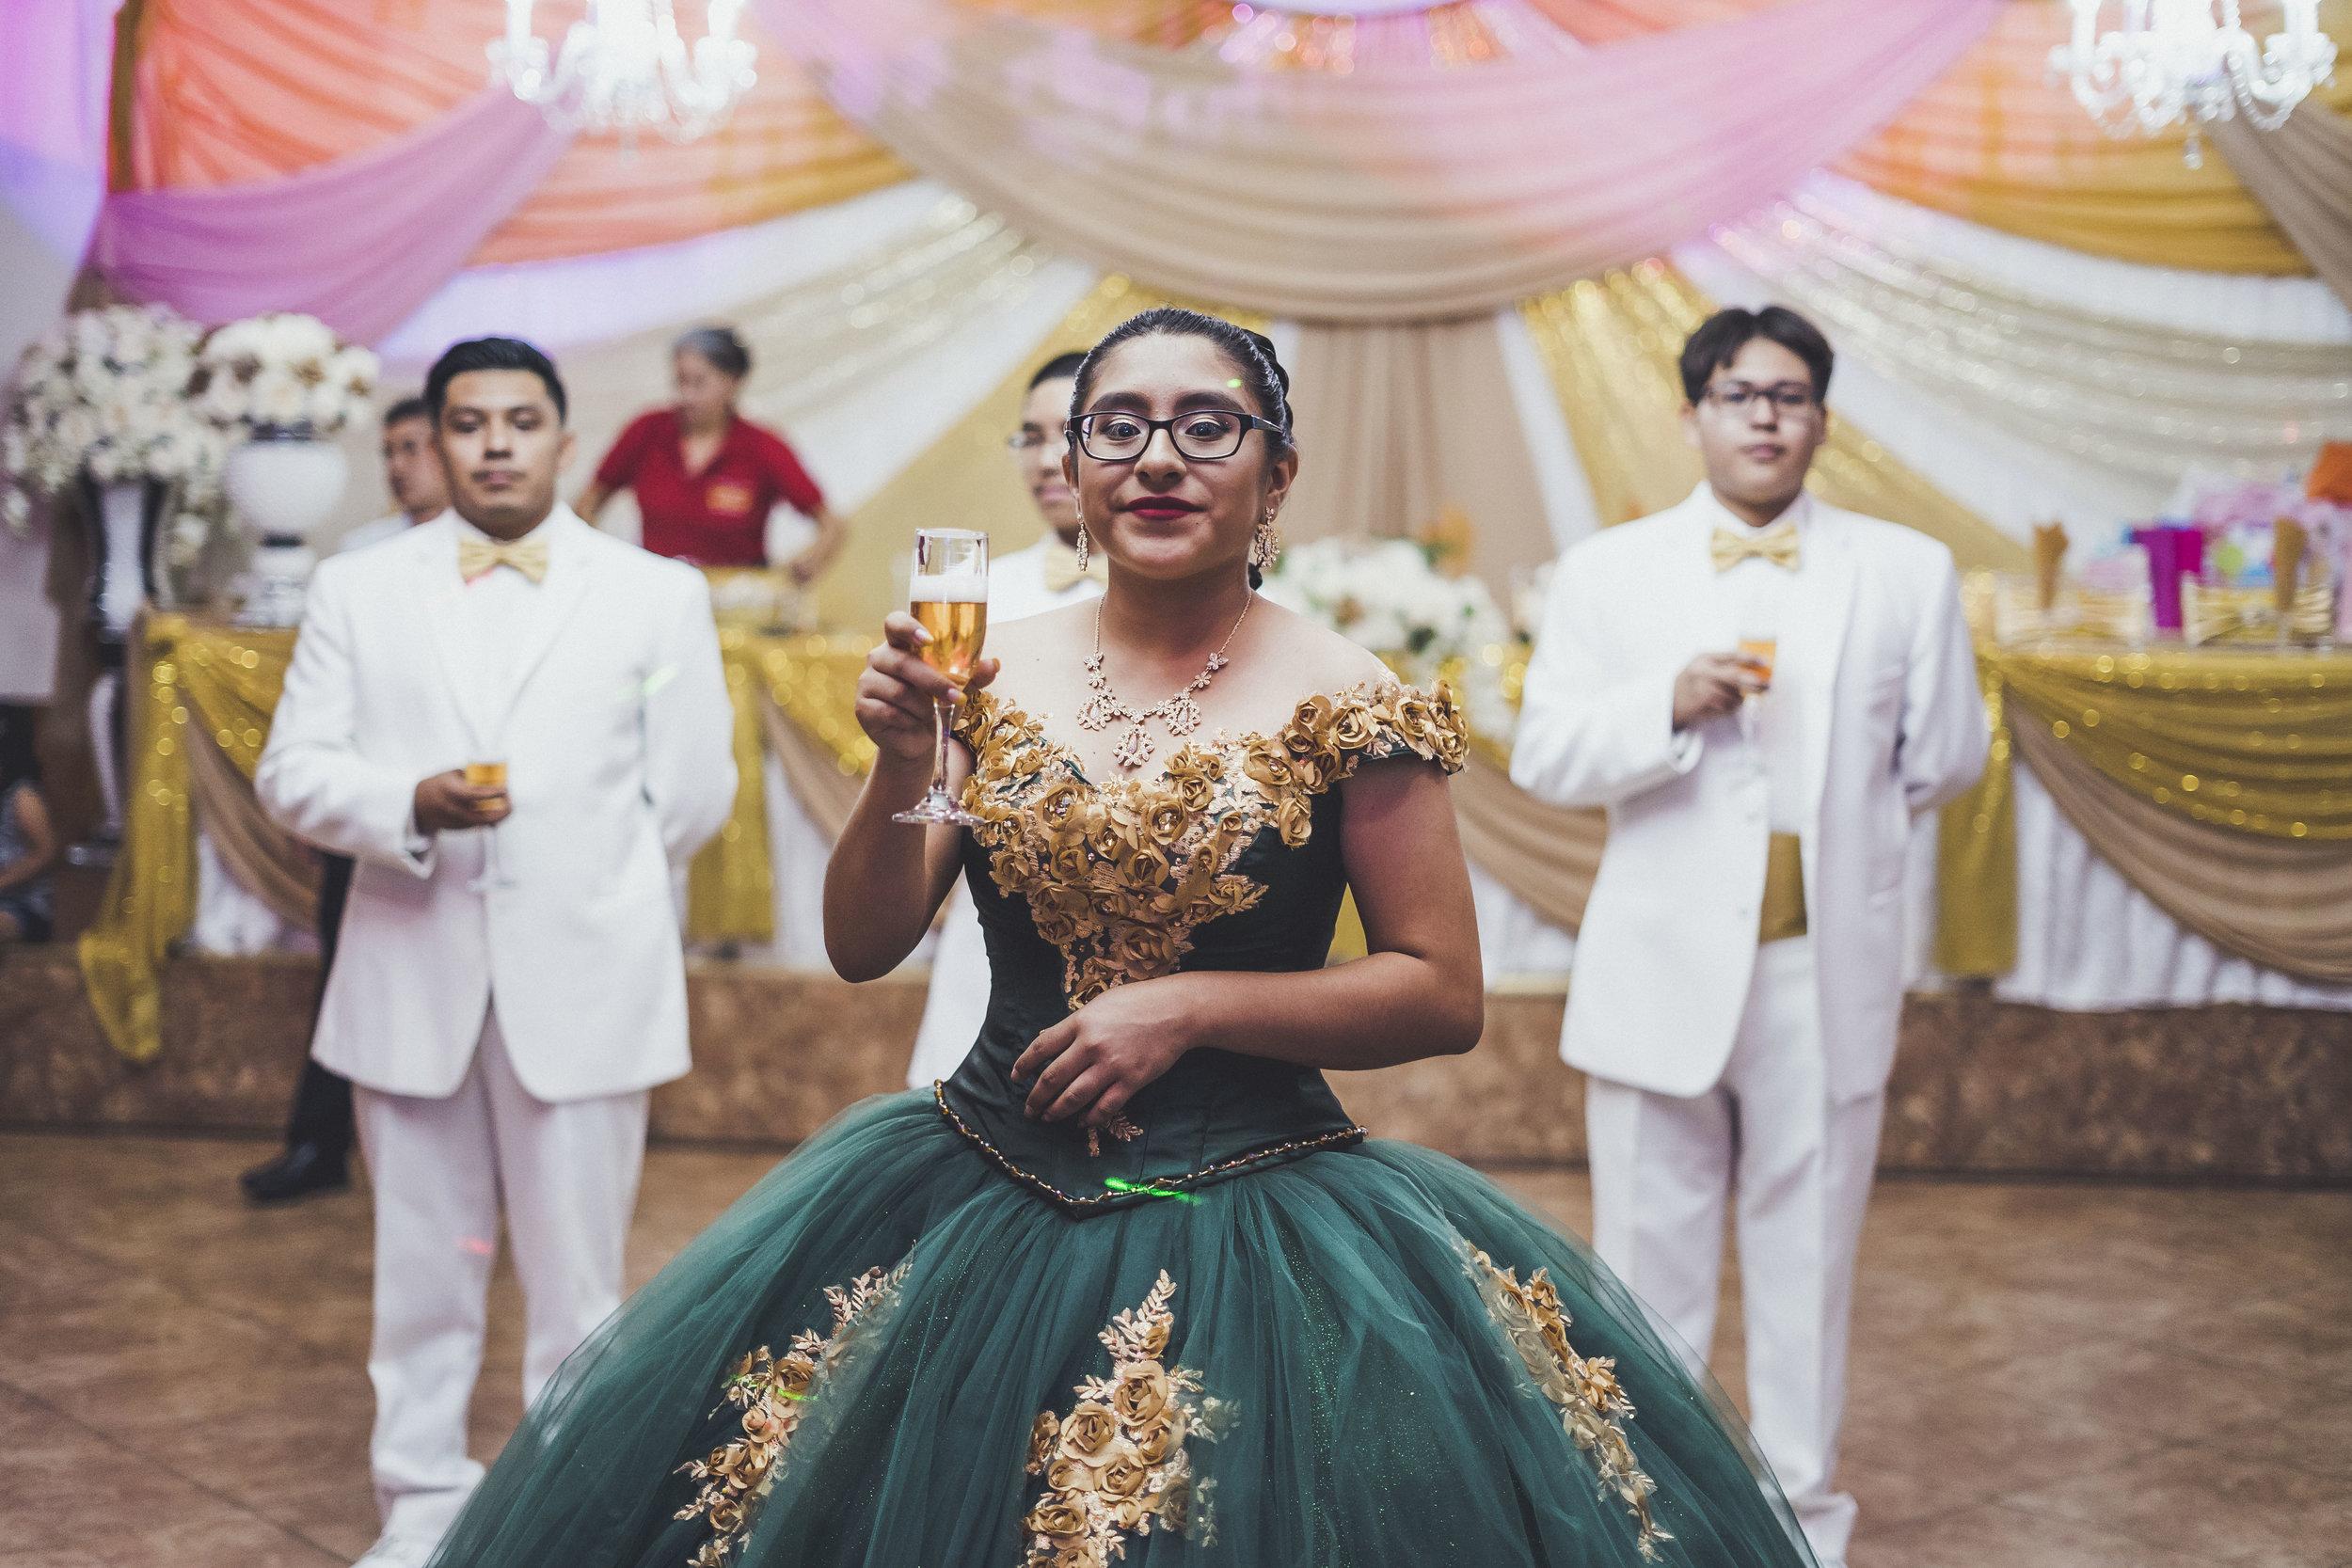 06-07-2019 Quinceañera - Ariana Garcia Maximilliano_6653.jpg